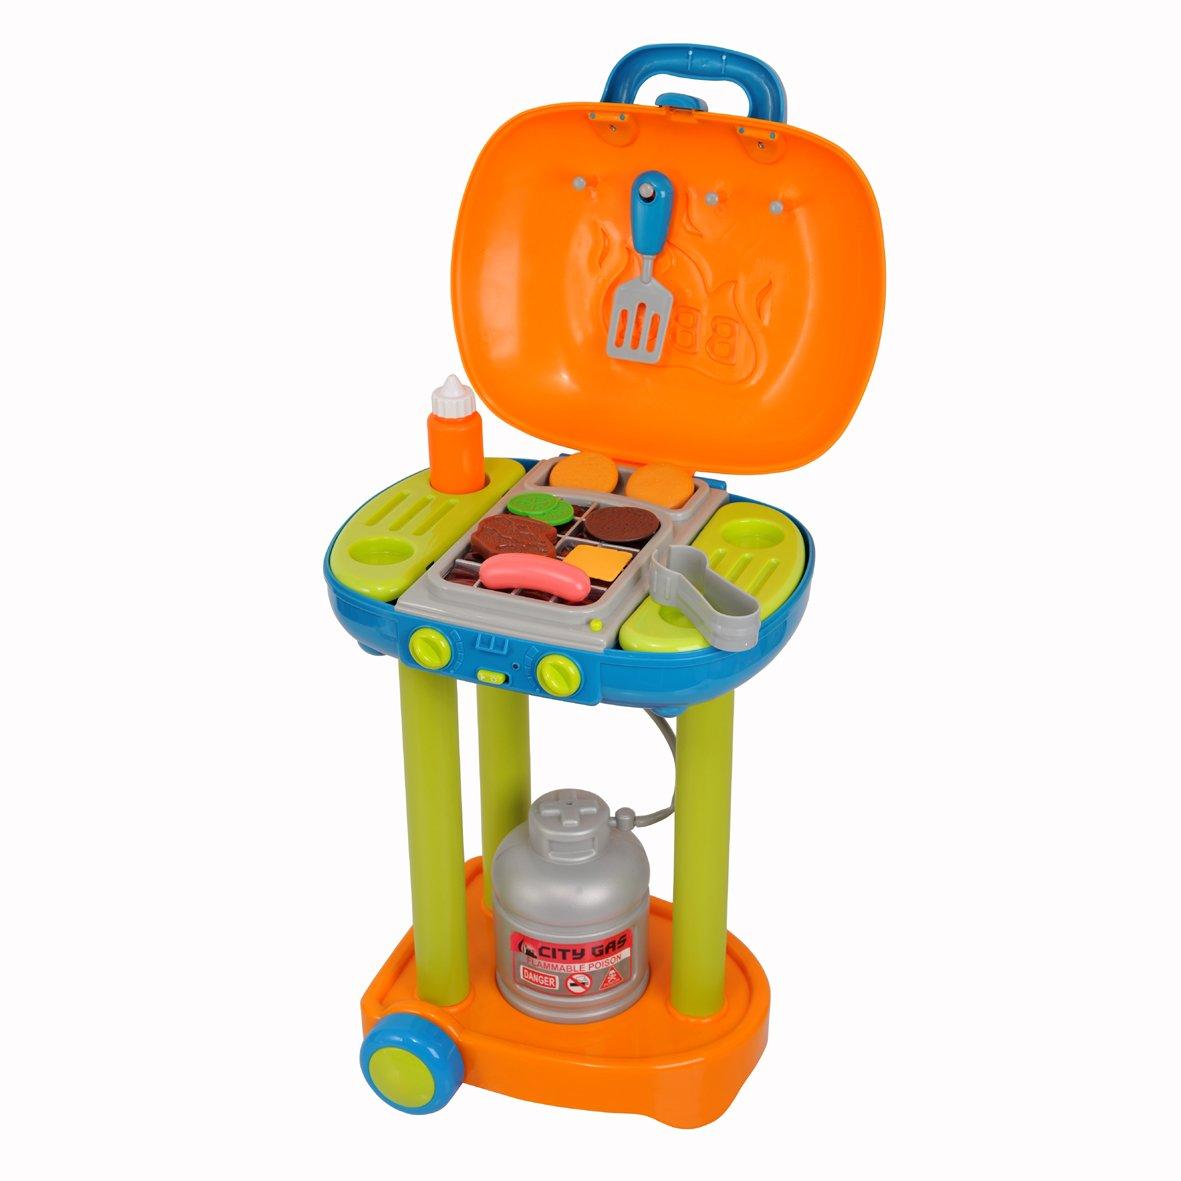 Spielzeug Grill - PlayGo Grillwagen